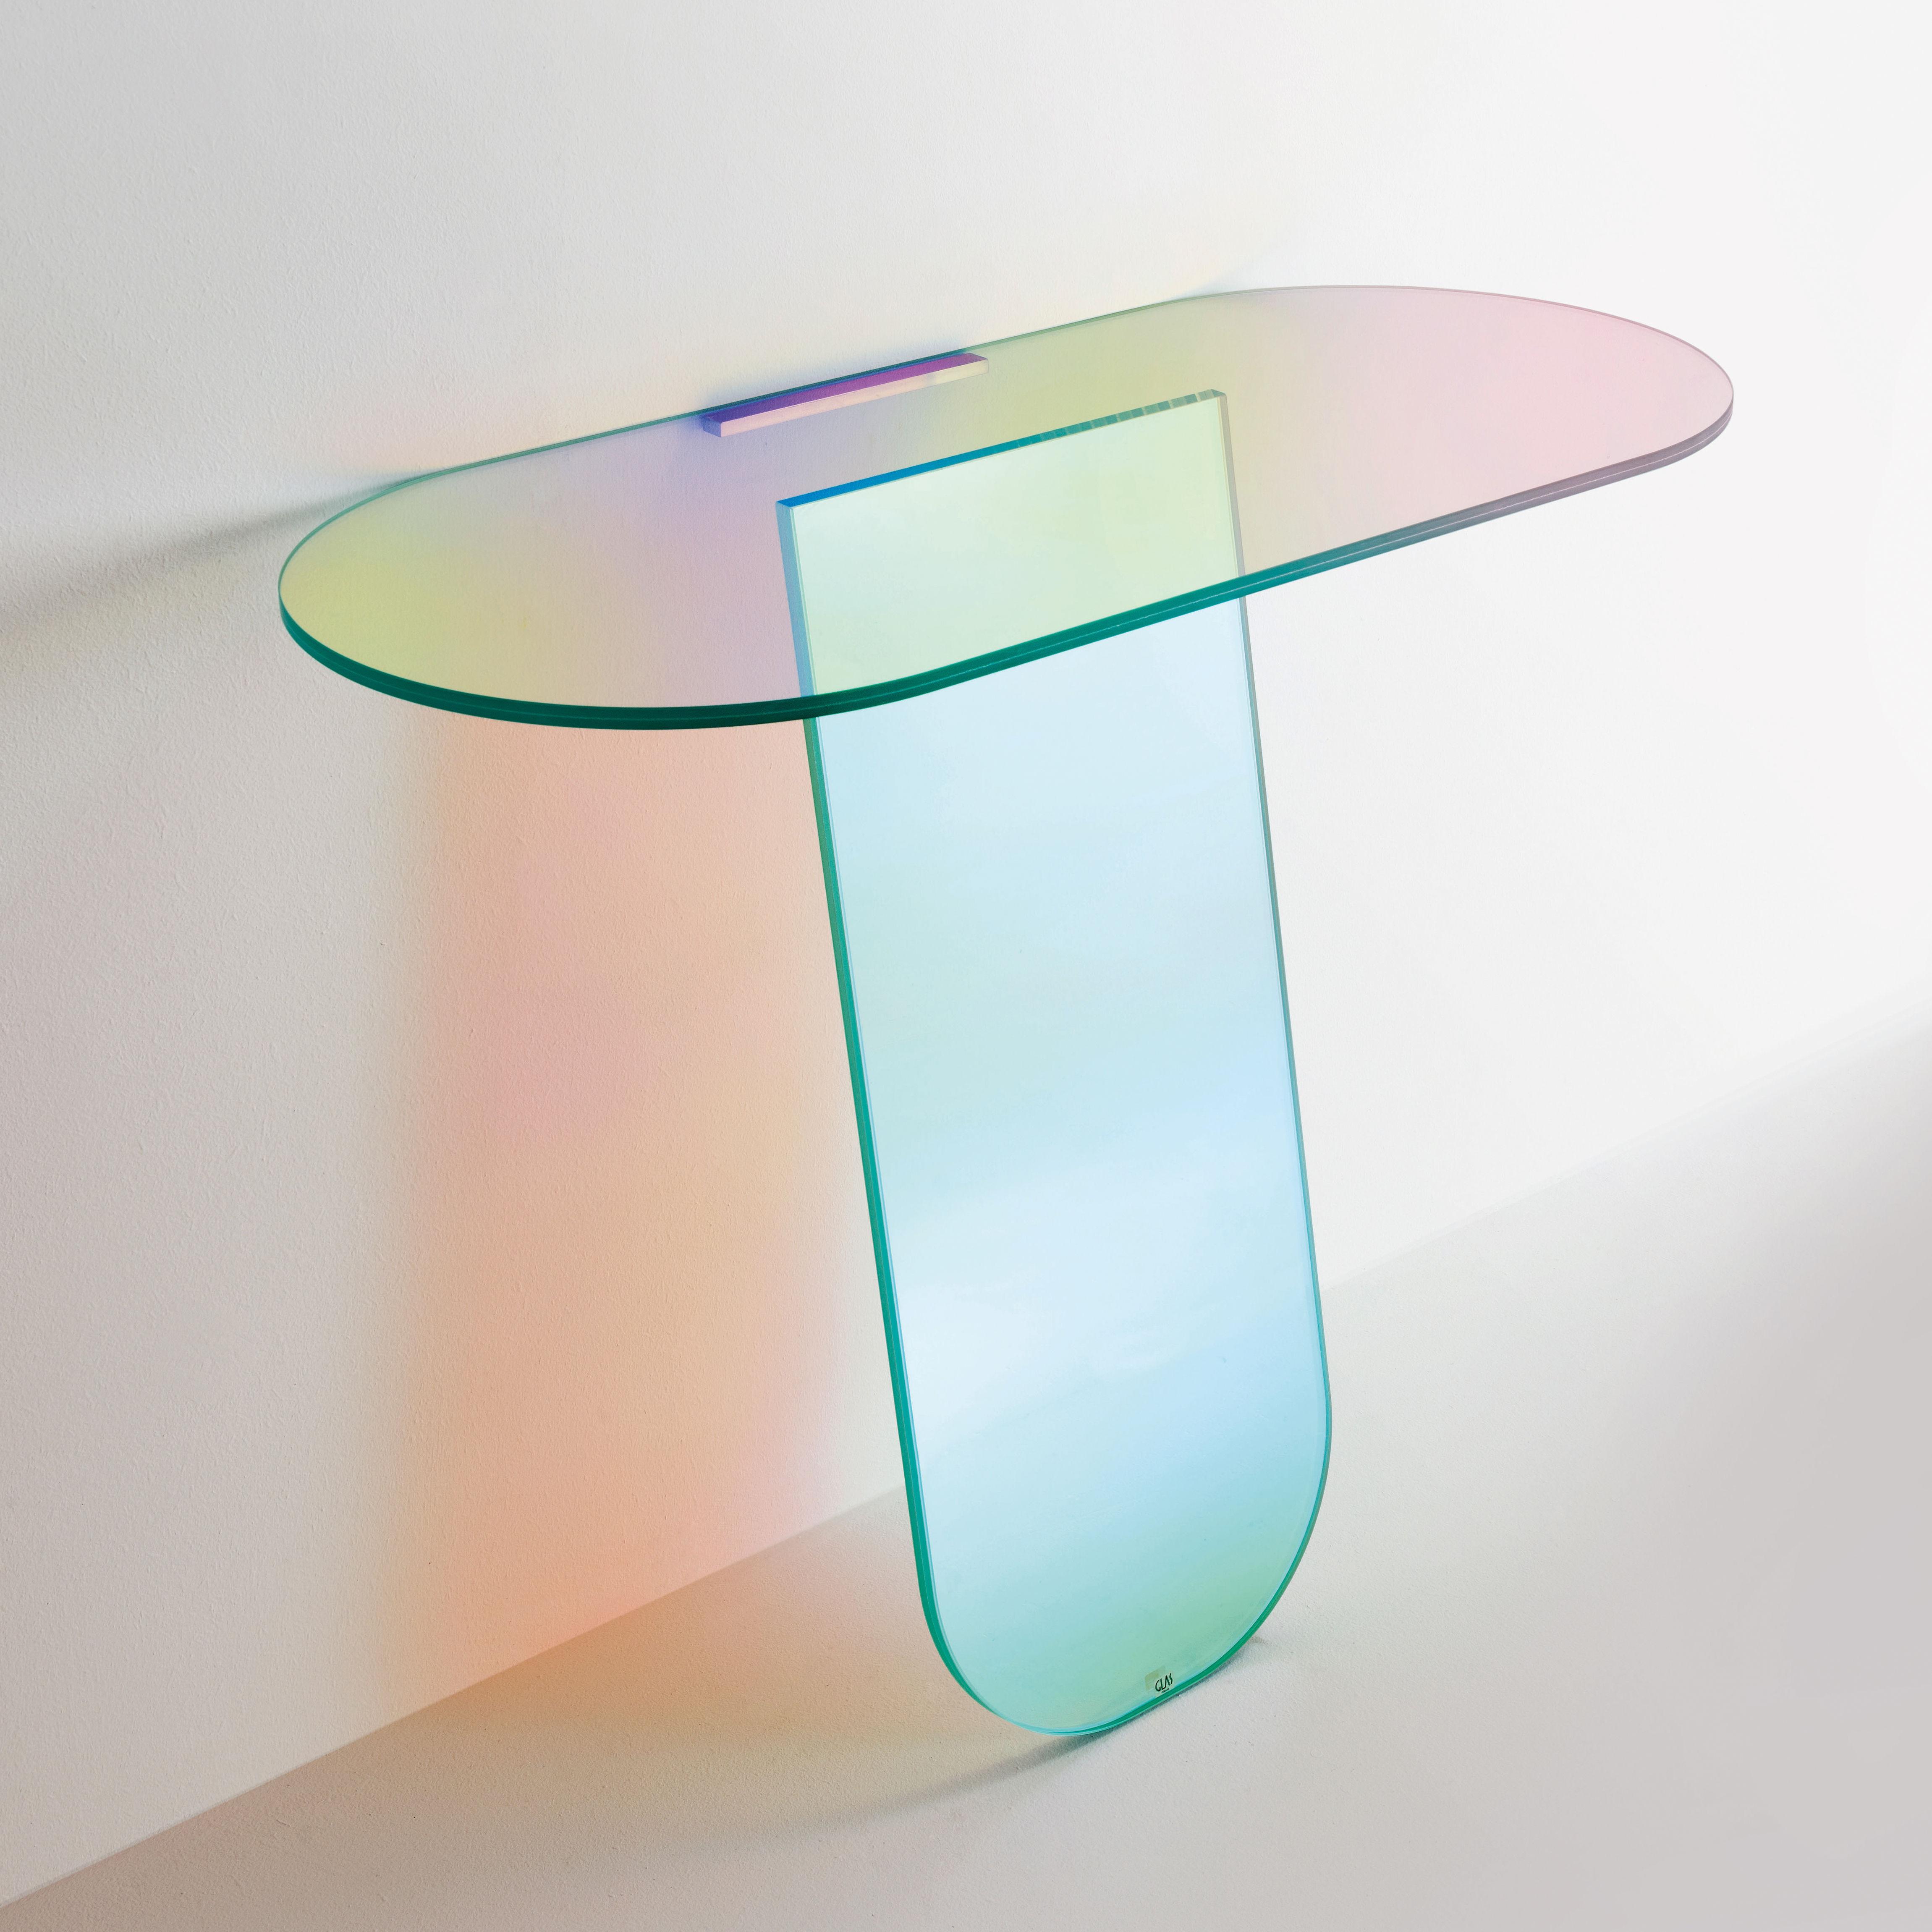 Arredamento - Console - Console Shimmer / Vetro - L 100 x H 84,5 cm - Glas Italia - Multicolore - Vetro